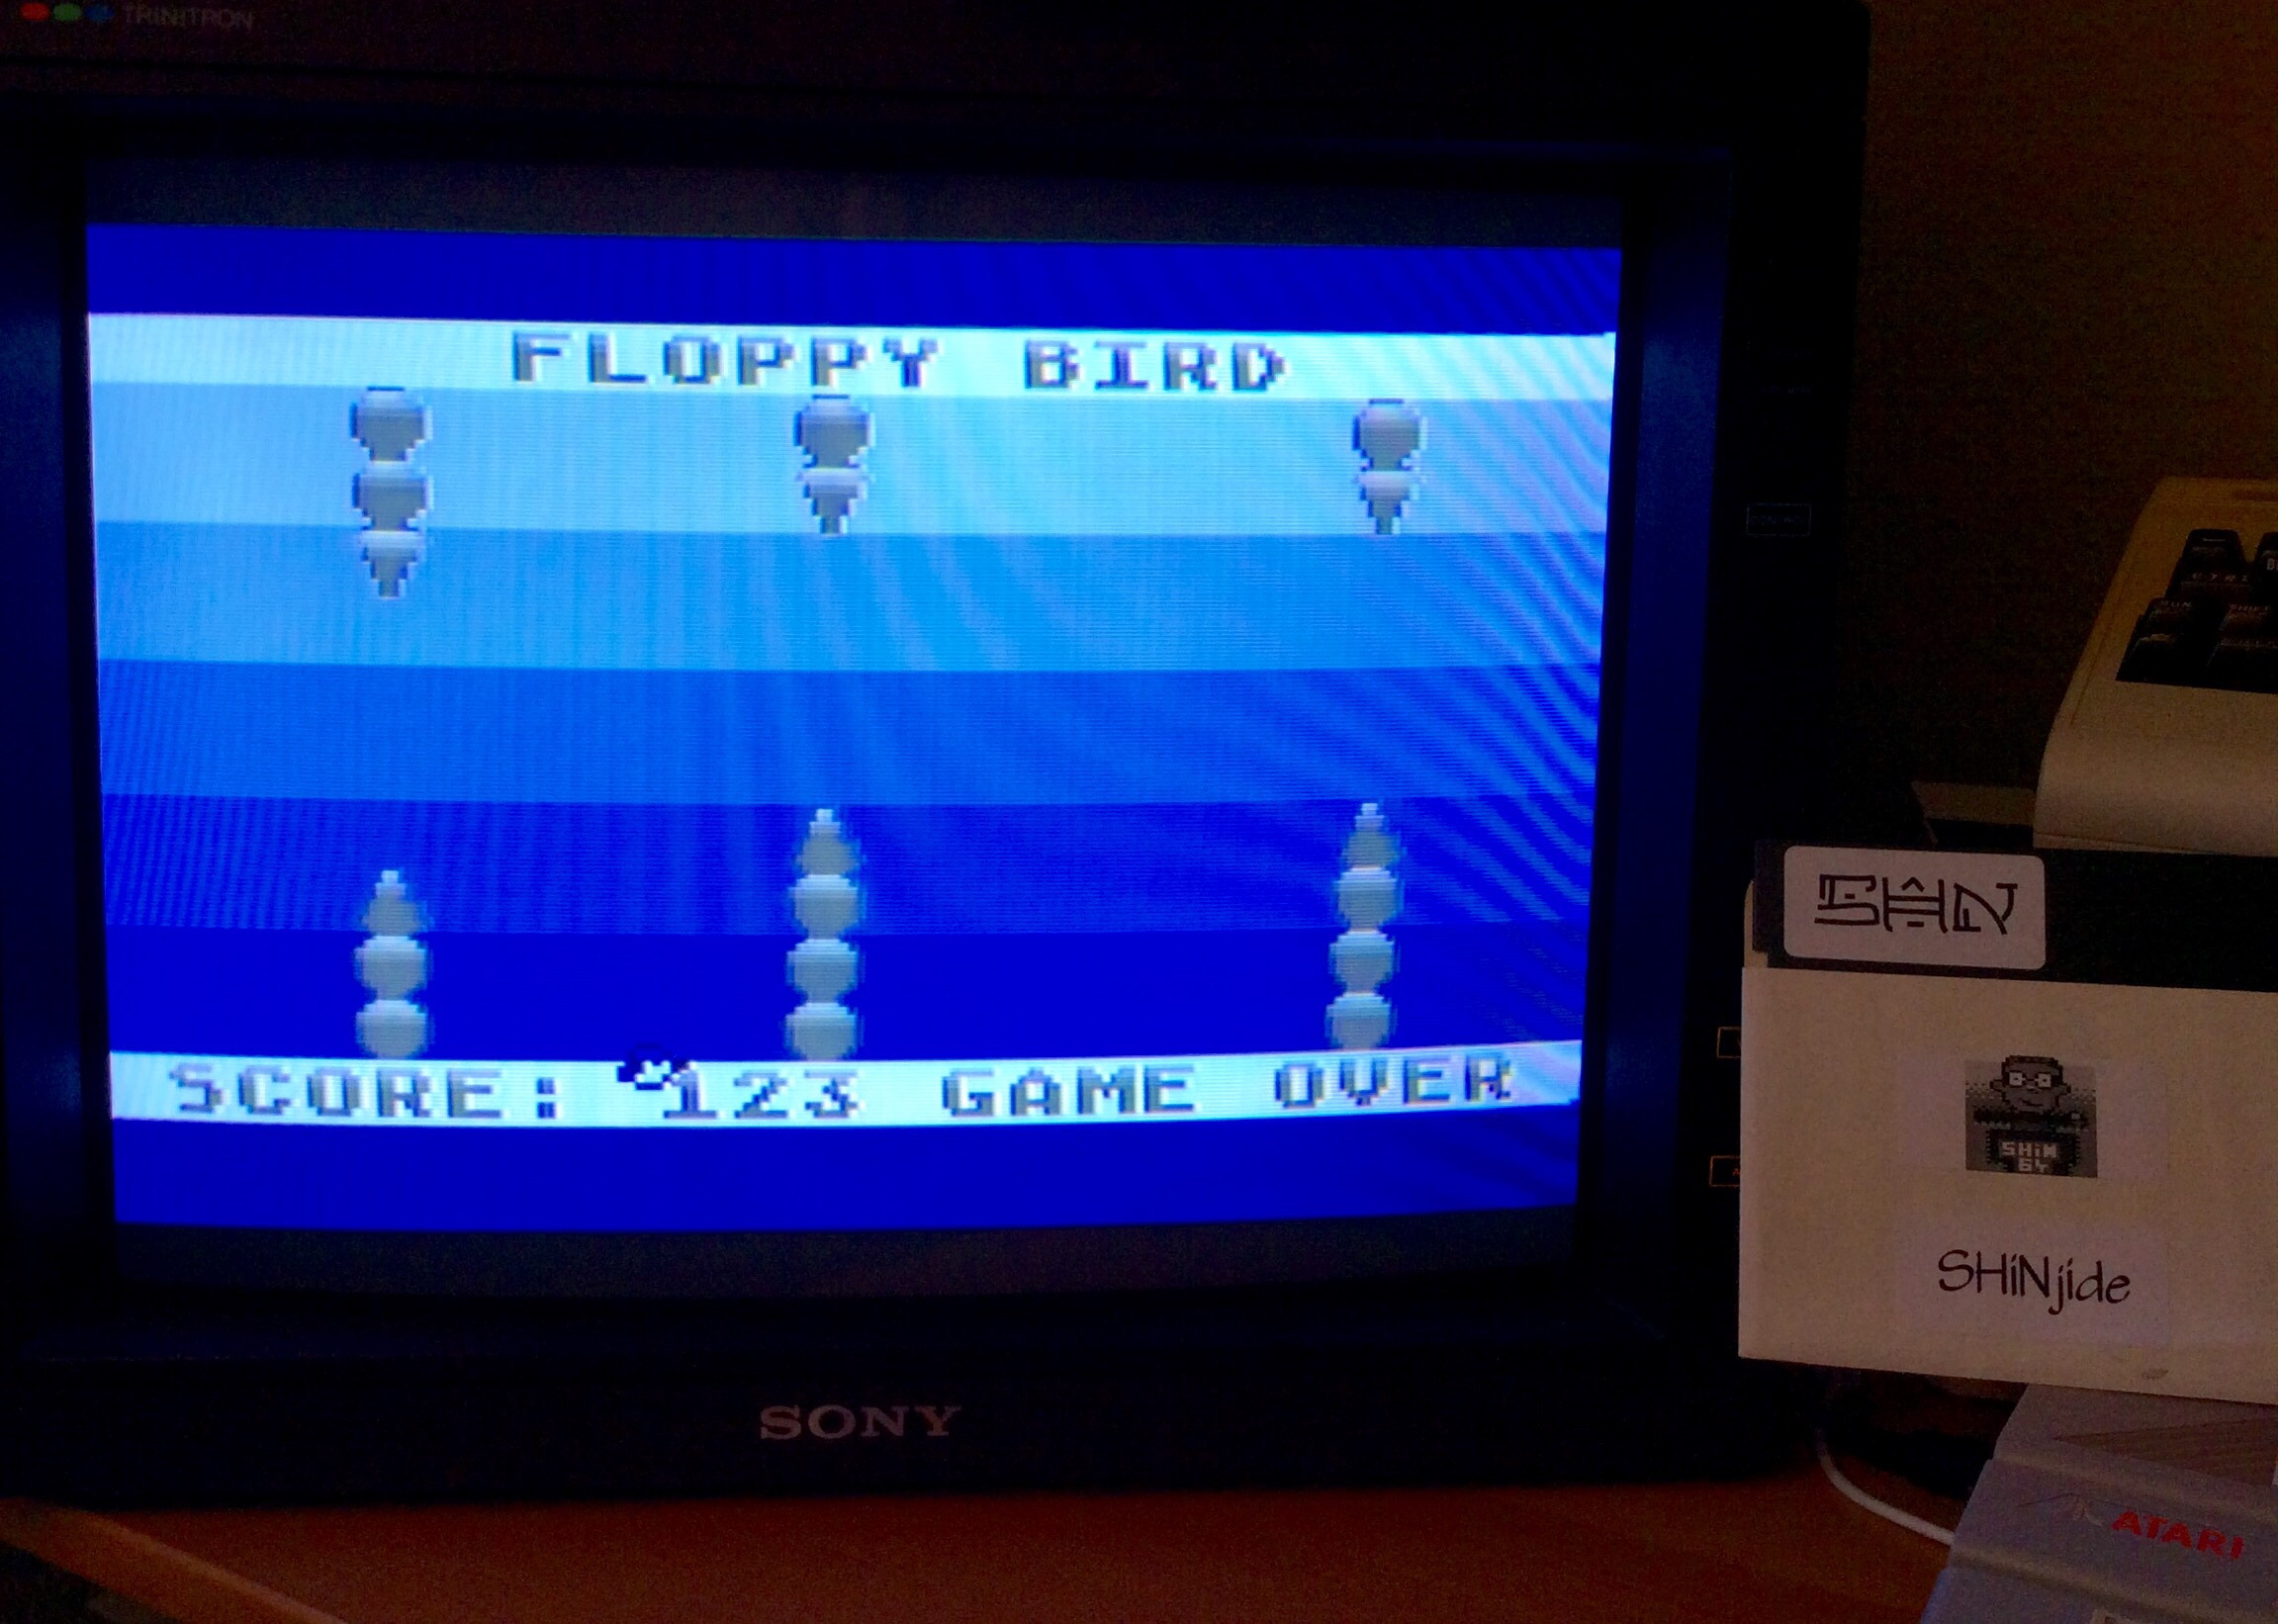 SHiNjide: Floppy Bird (Atari 400/800/XL/XE) 123 points on 2015-01-25 08:30:59